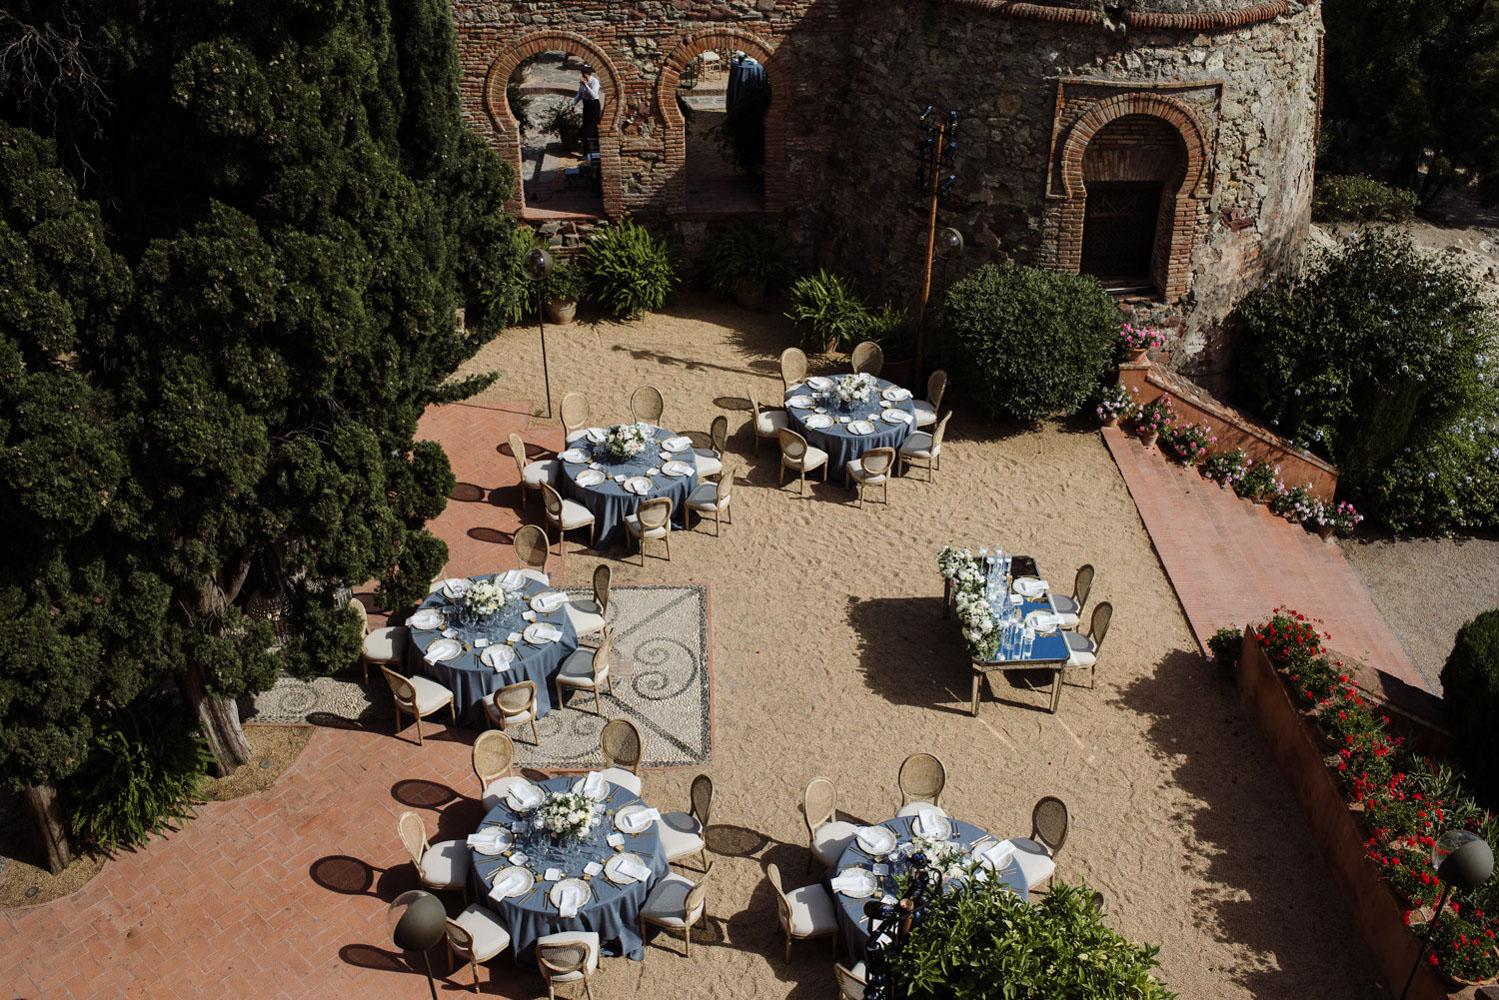 Table lay out wedding intimate Malaga Castillo de Santa Catalina